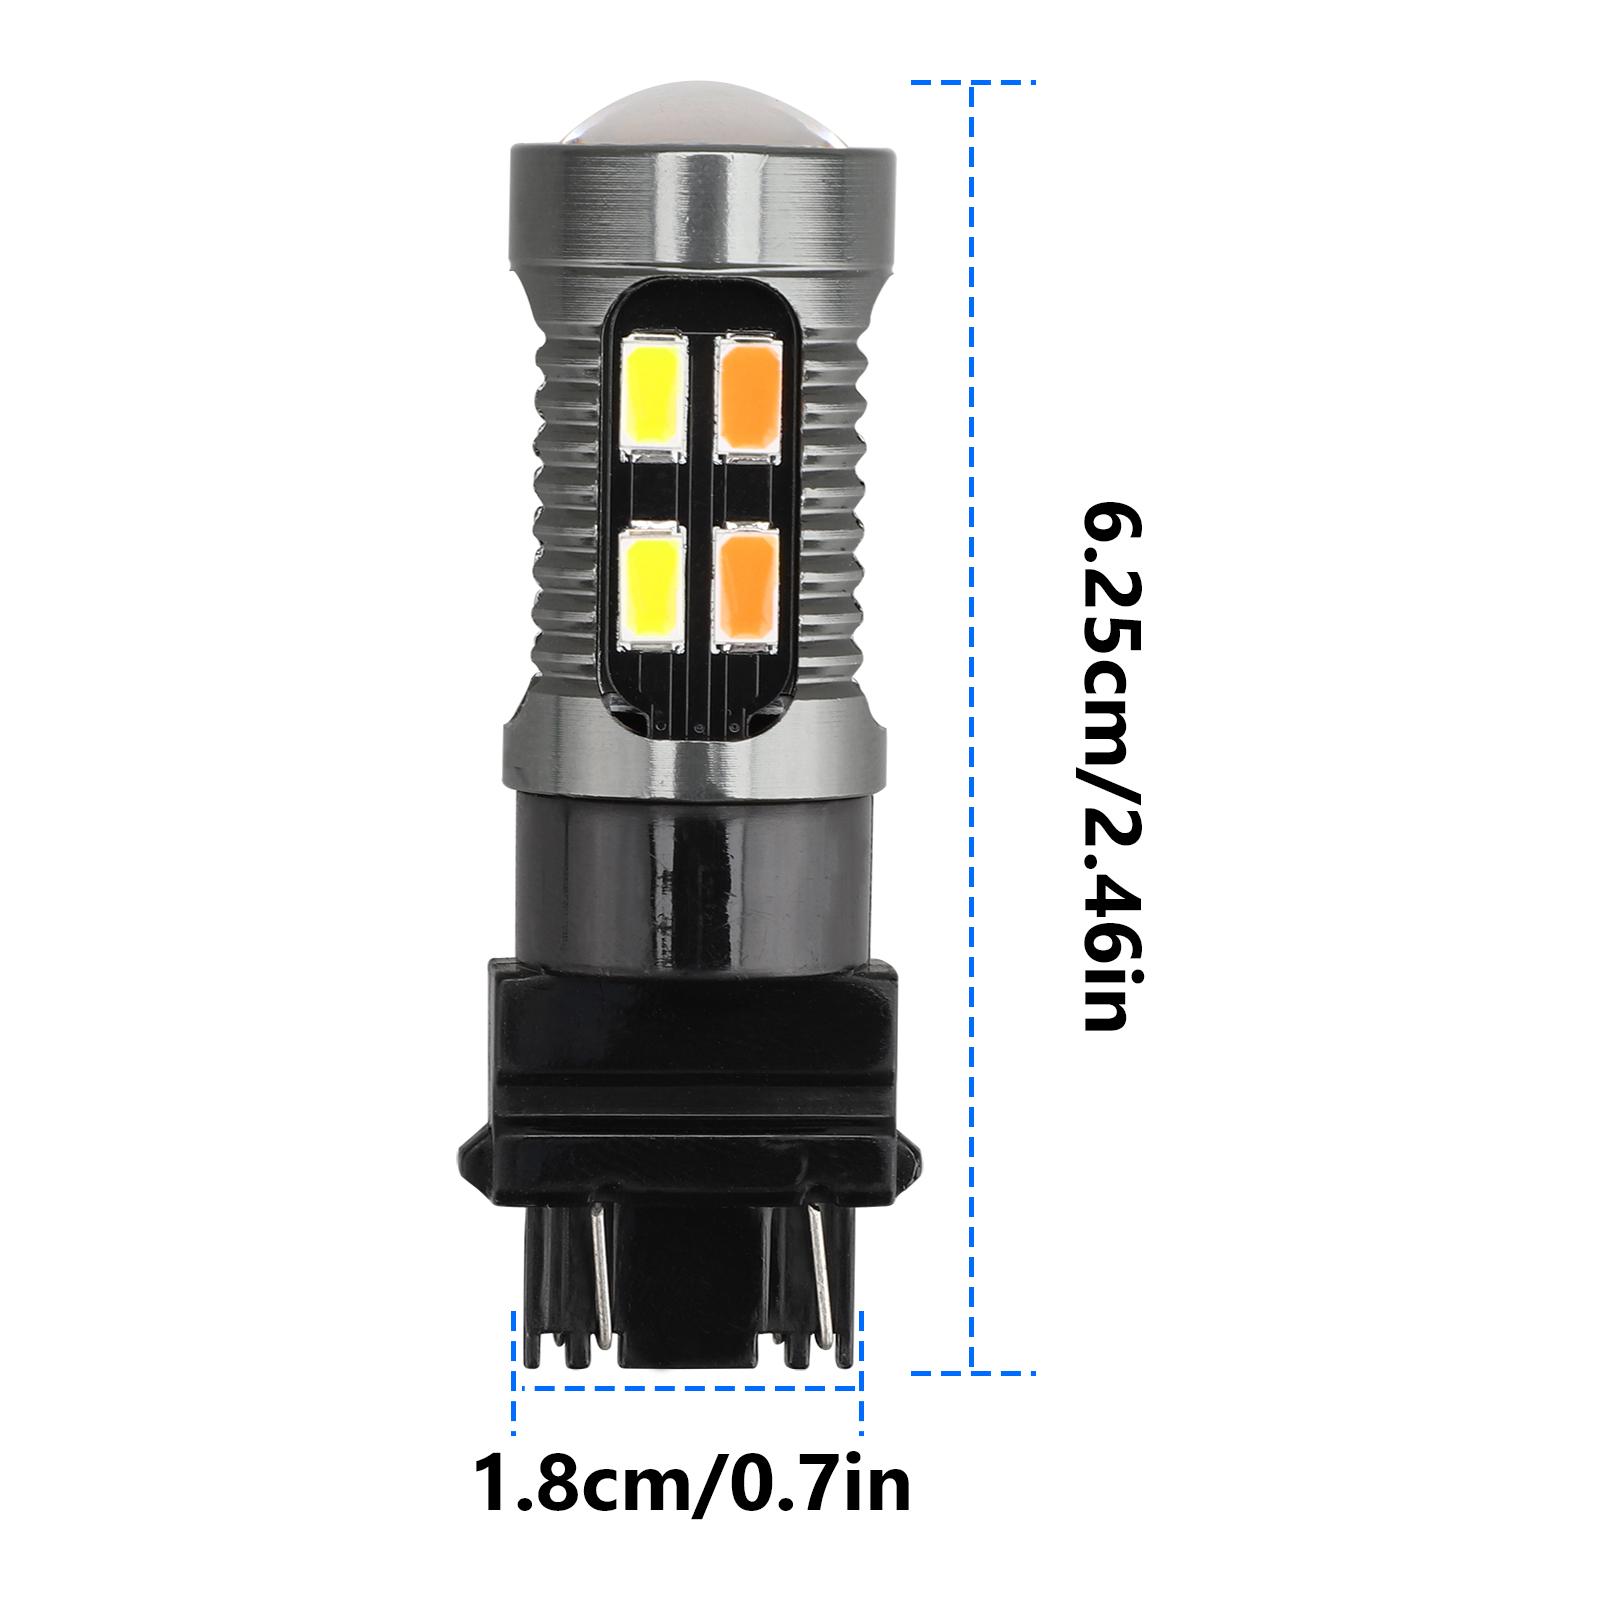 2X-3157-Switchback-LED-Turn-Signal-Light-4157na-3457a-LED-Bulbs-3156-White-Amber thumbnail 8